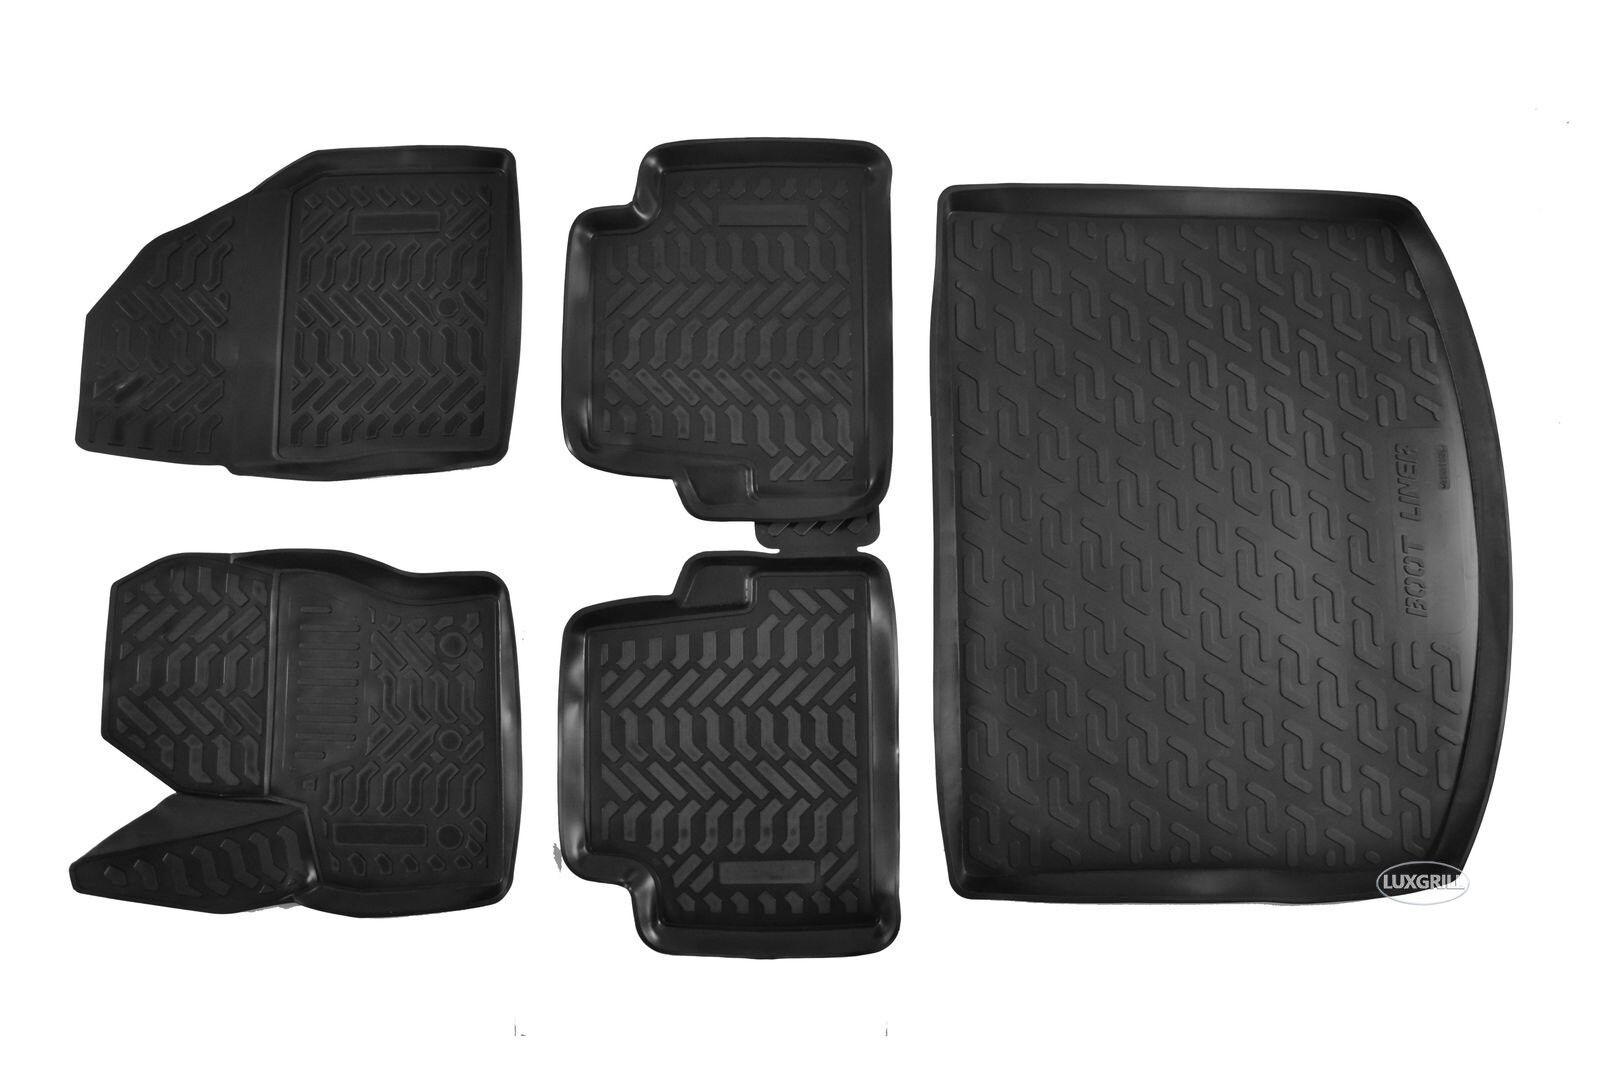 10 St/ück T/ürgriff Schutz Schutzh/ülle Griff Abdeckungen Soft Foam Sicherheit T/ürgriff Knopf Beige Farbe